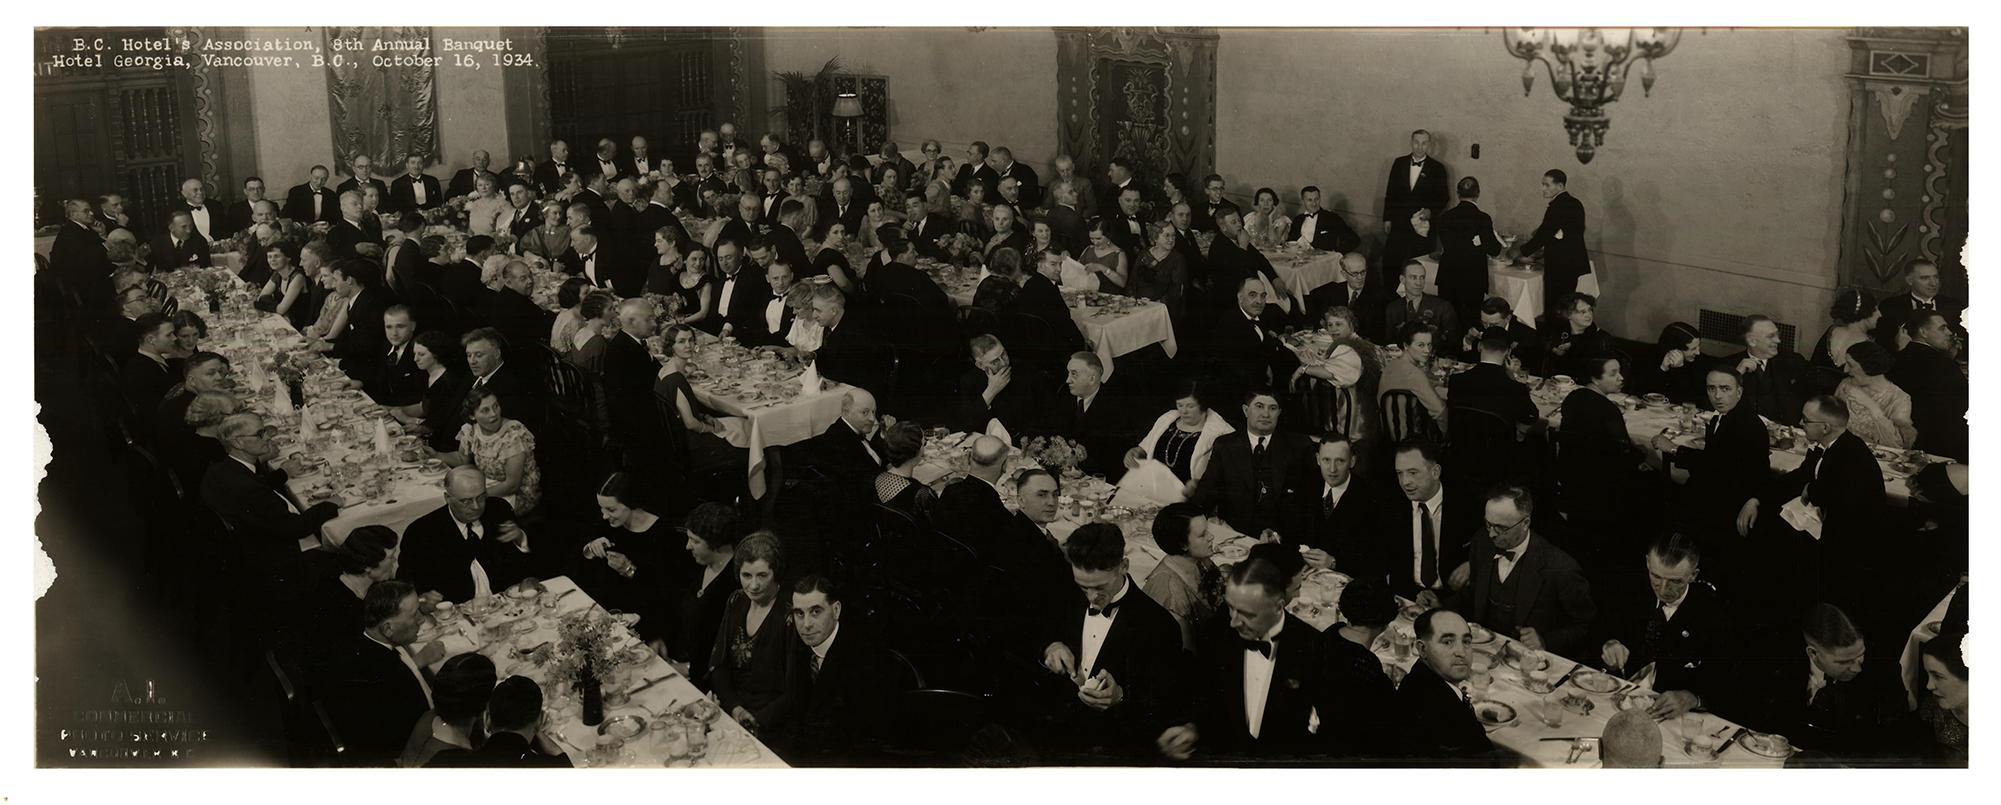 BCHA 8th  Annual Banquet, 1934